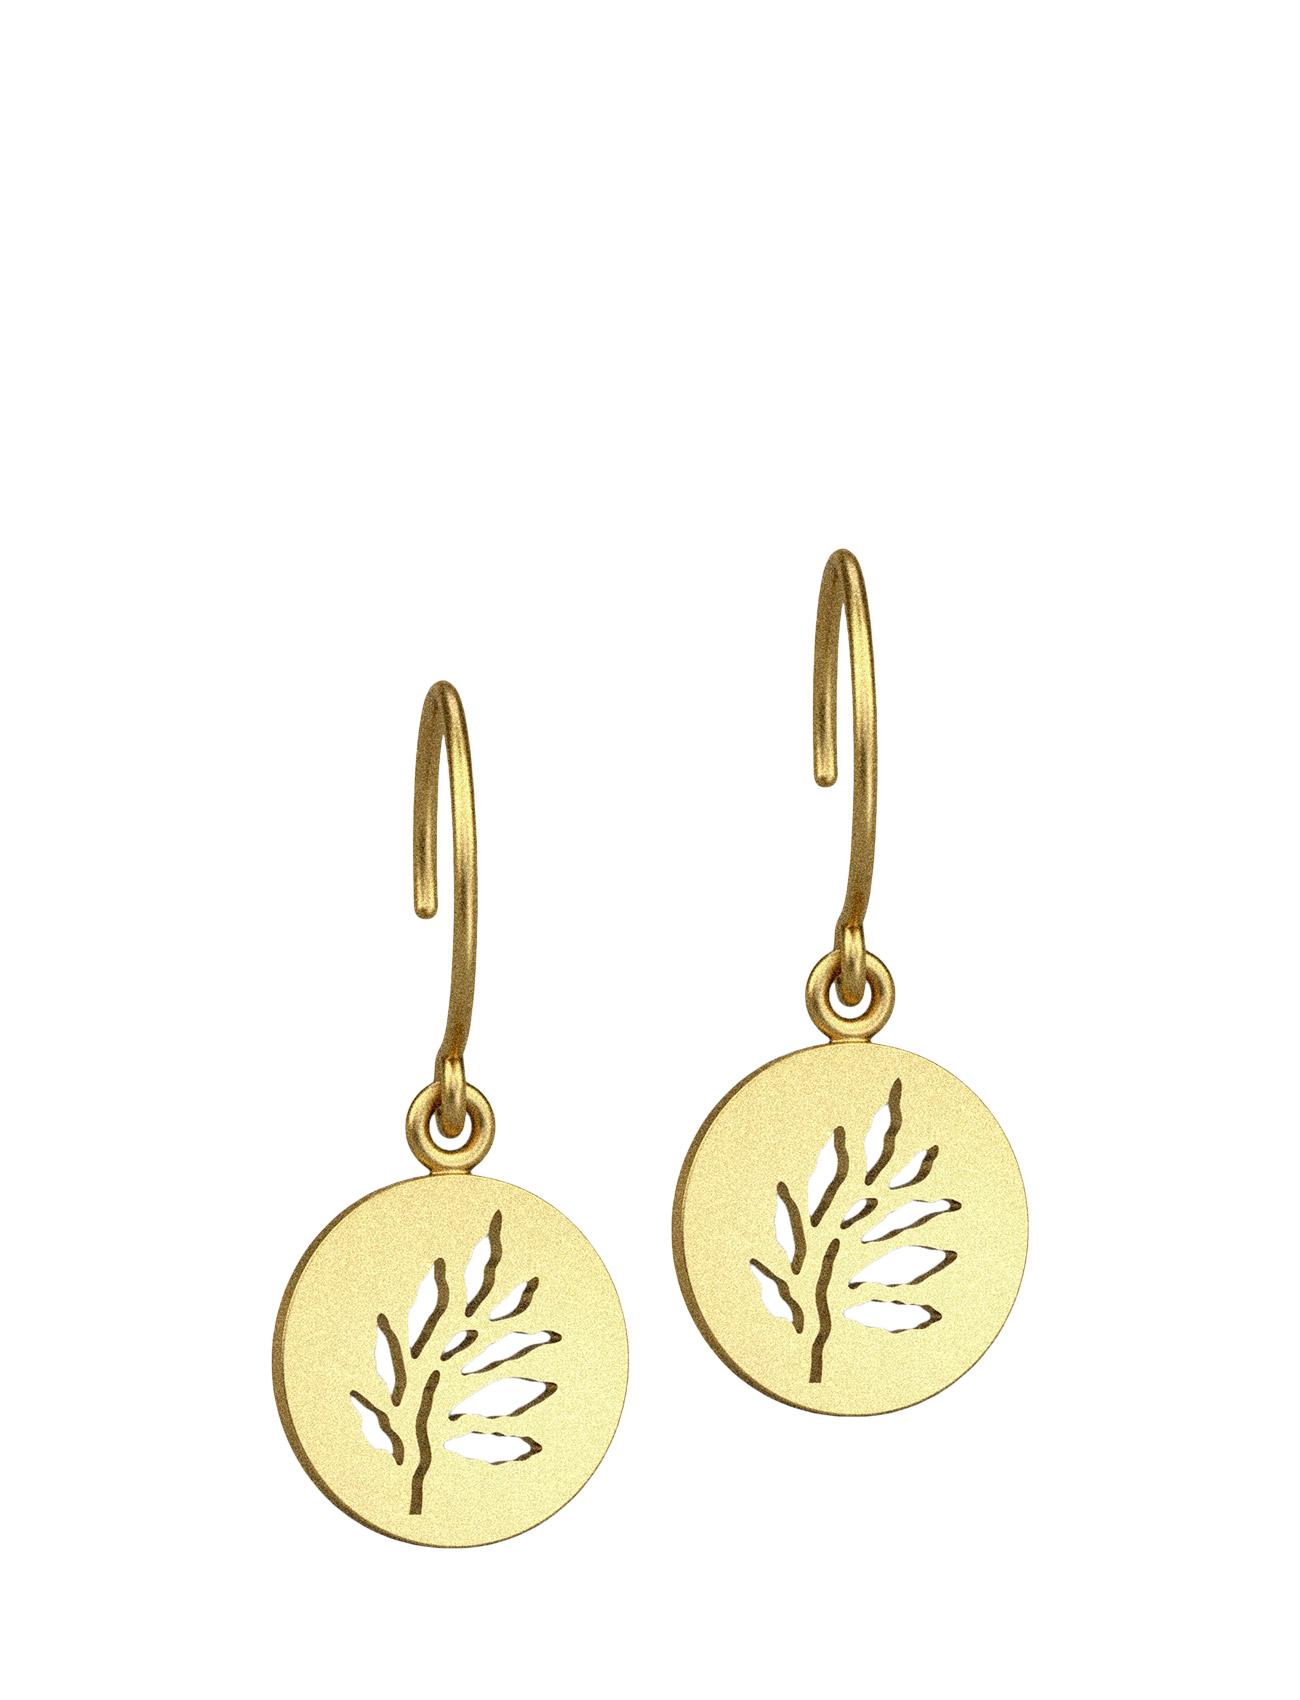 73a0876dd Signature Earring - Gold Julie Sandlau Smykker til - MoteJakten.no ...